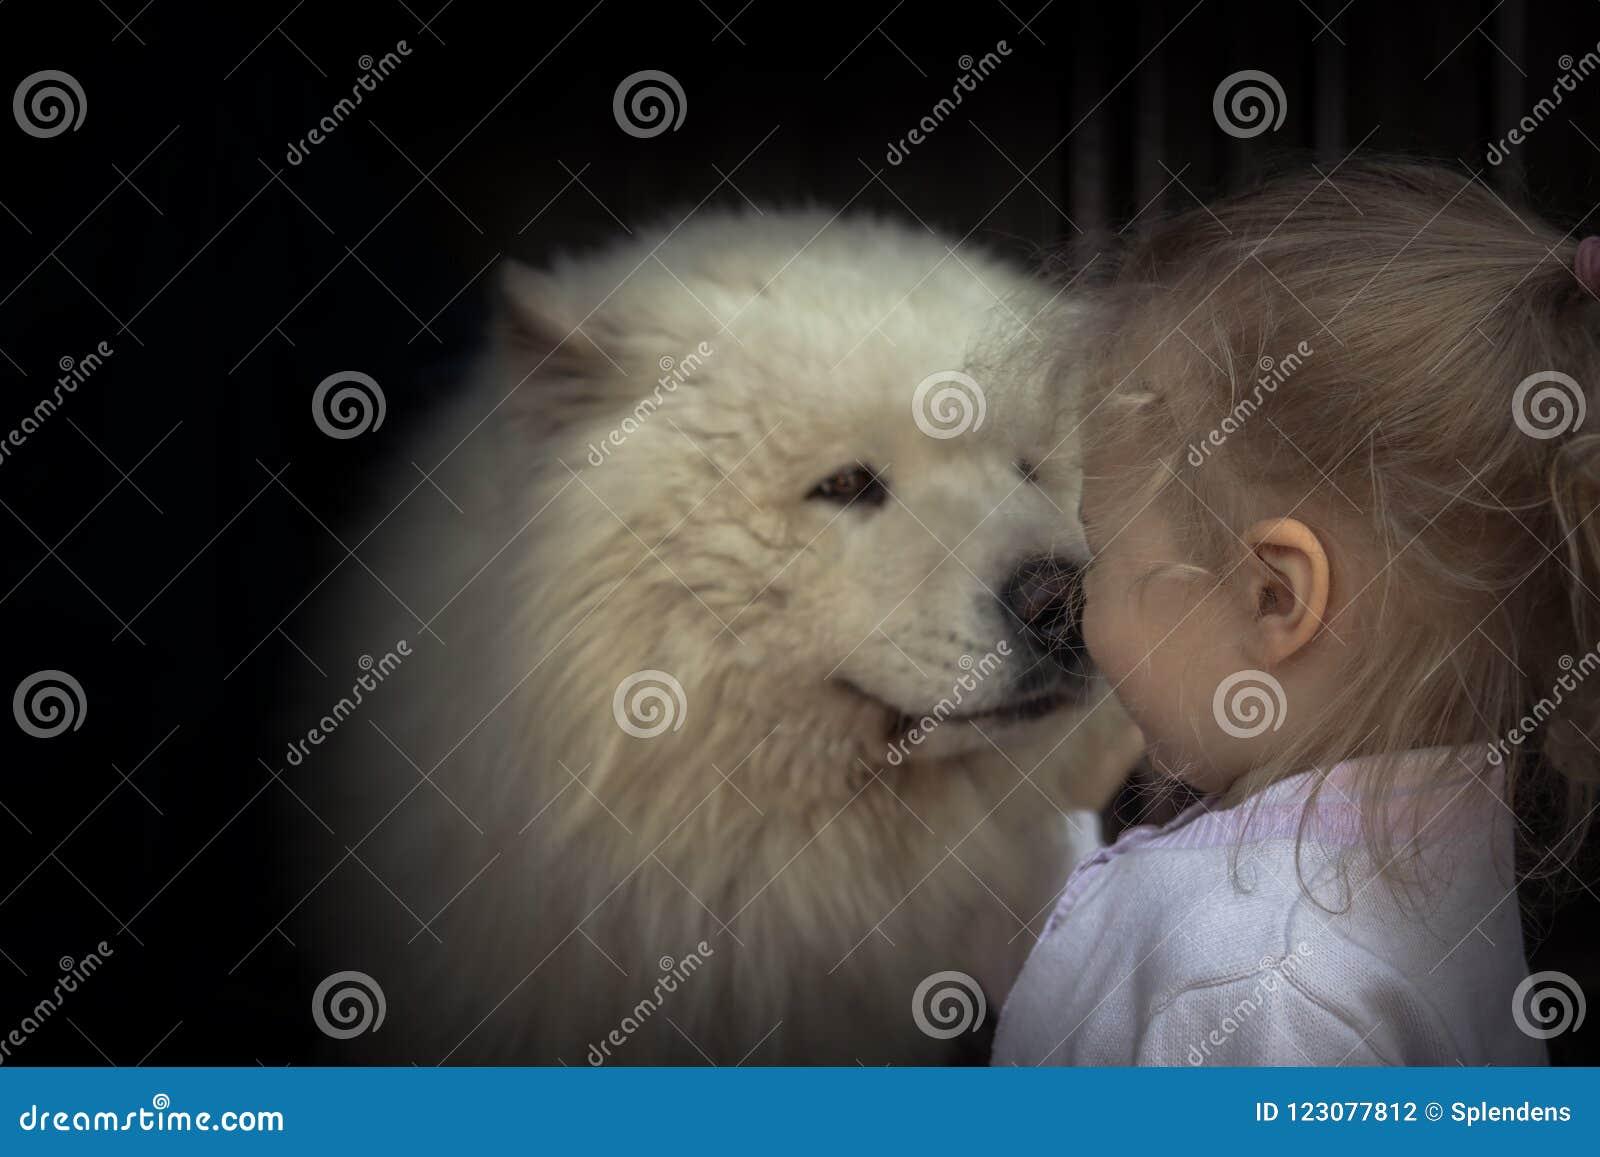 Vänlighet för kamratskap för omsorg för förälskelse för skrovligt för omsorg för hund för barnungevalp begrepp för tamdjur djur